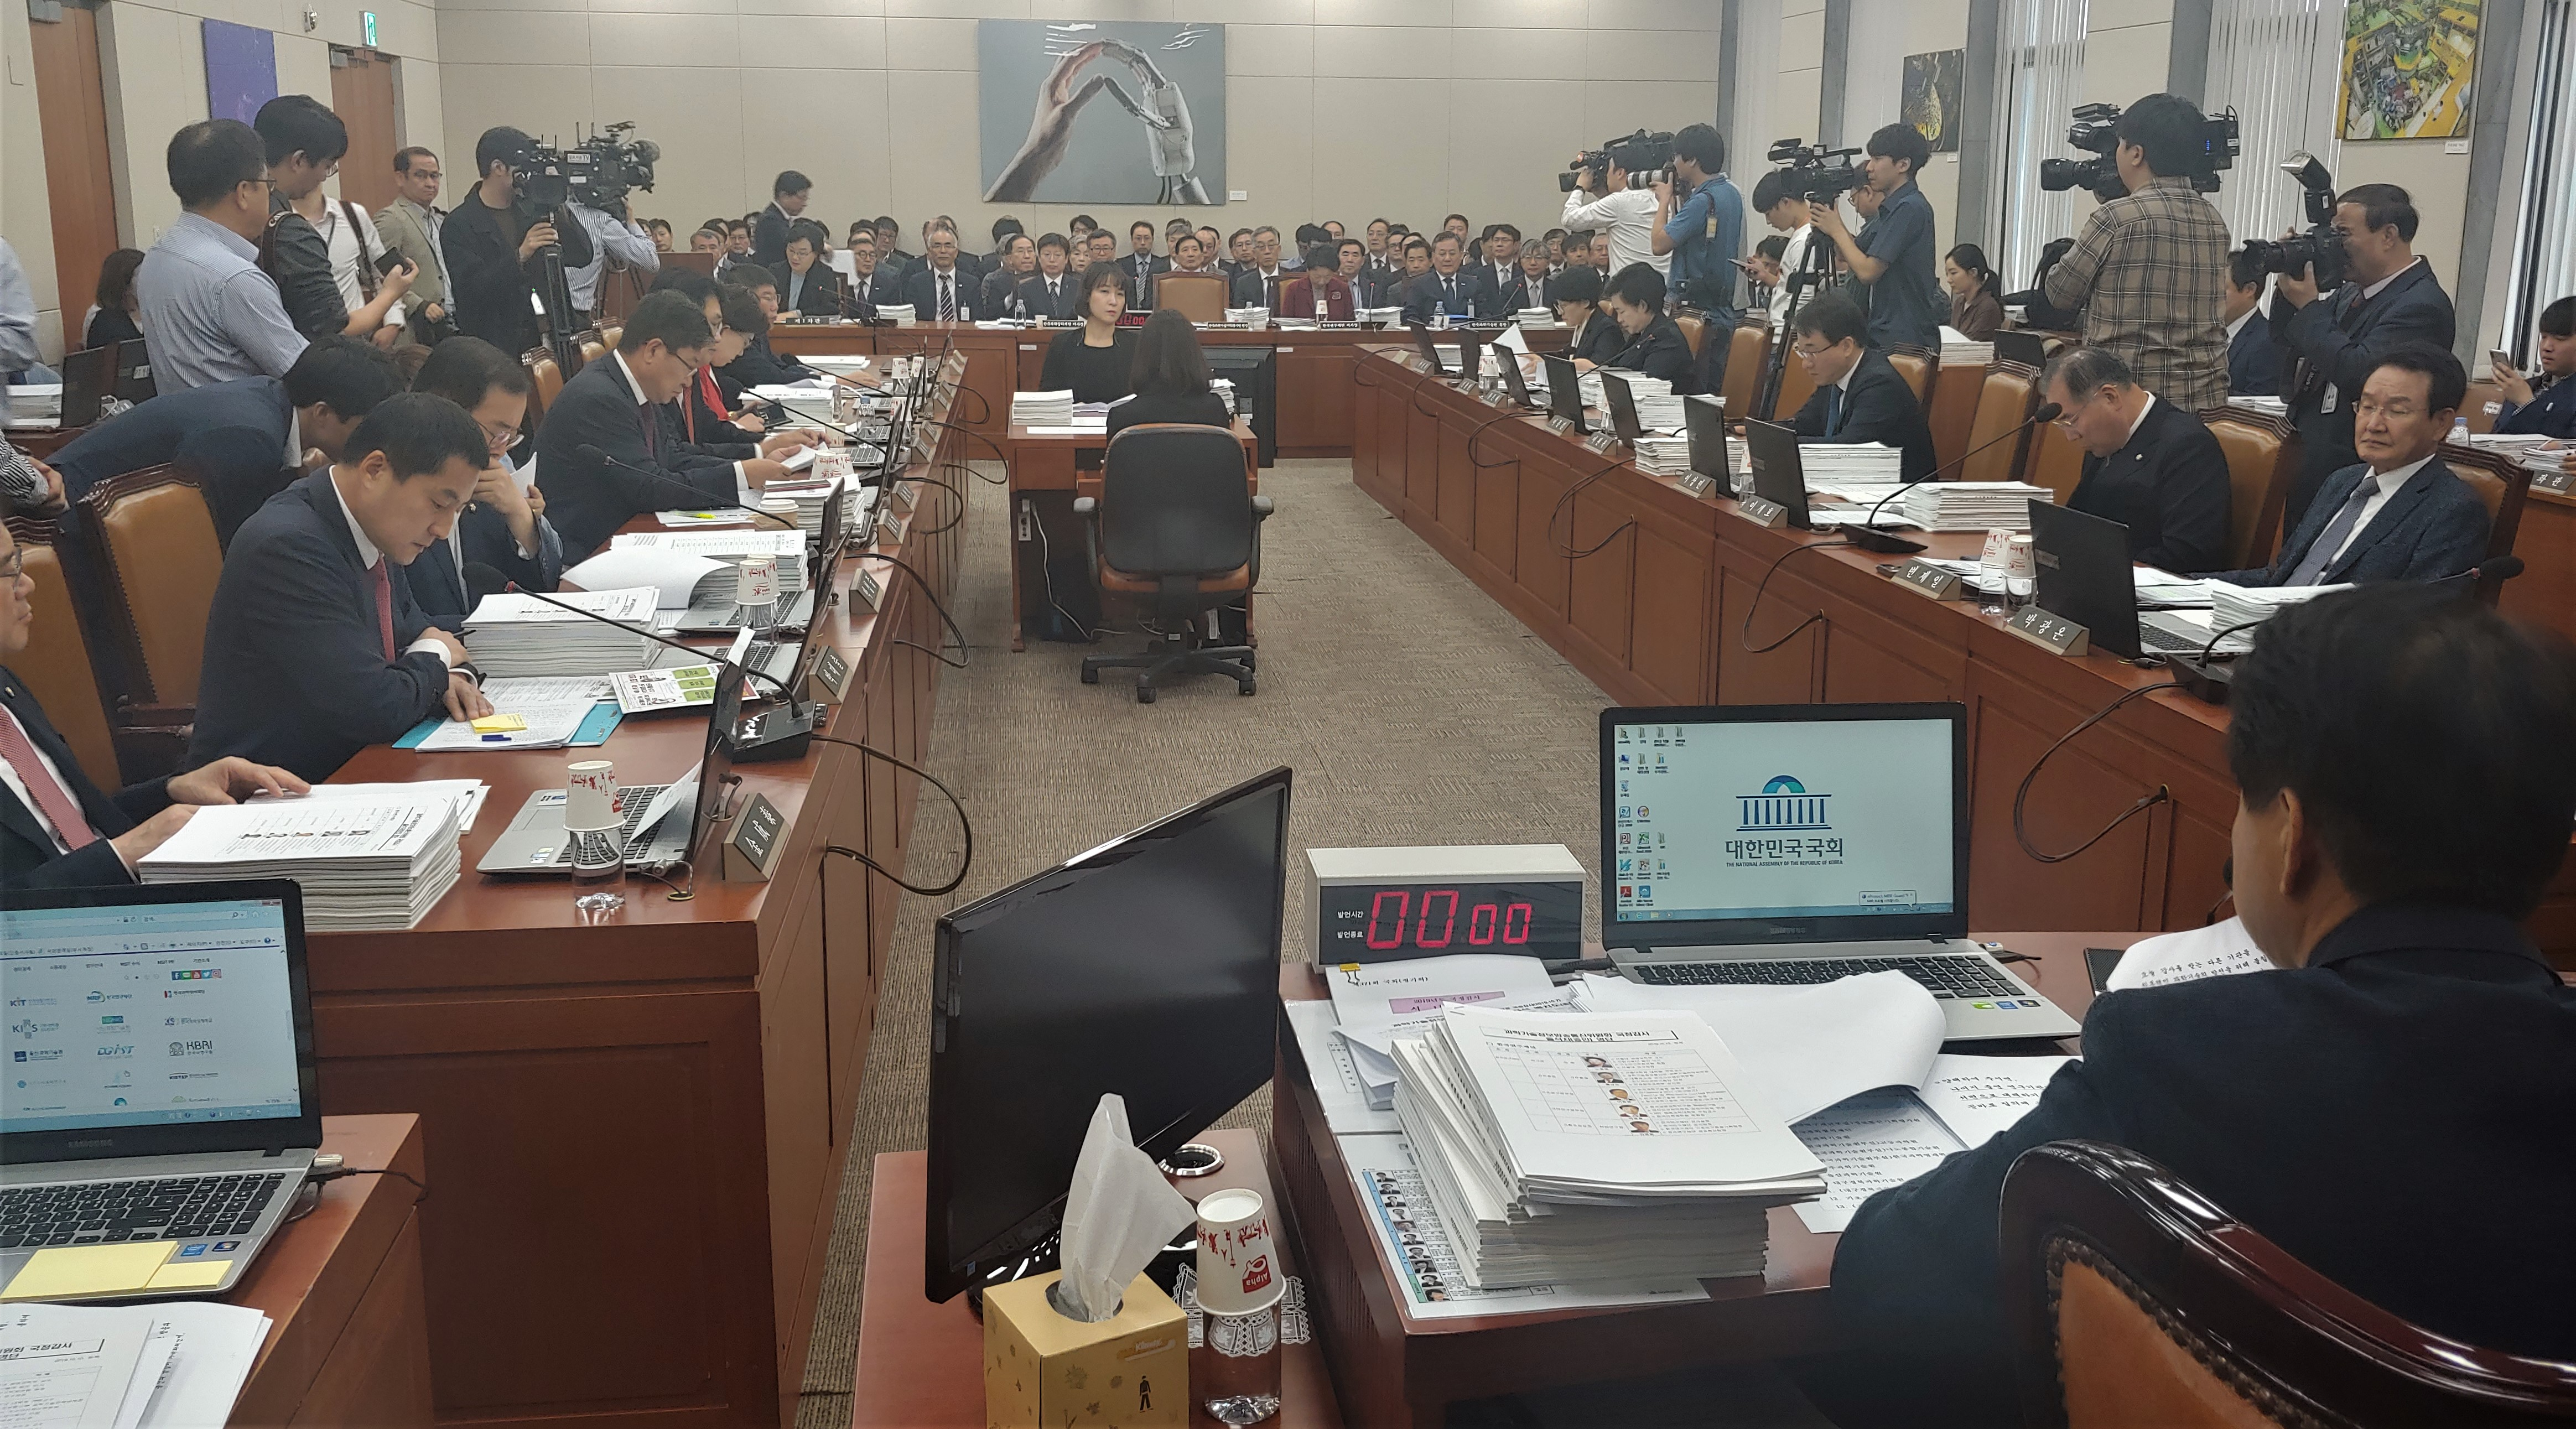 국감서 연구재단 집중 포화…연구부정∙방만 기관운영 지적